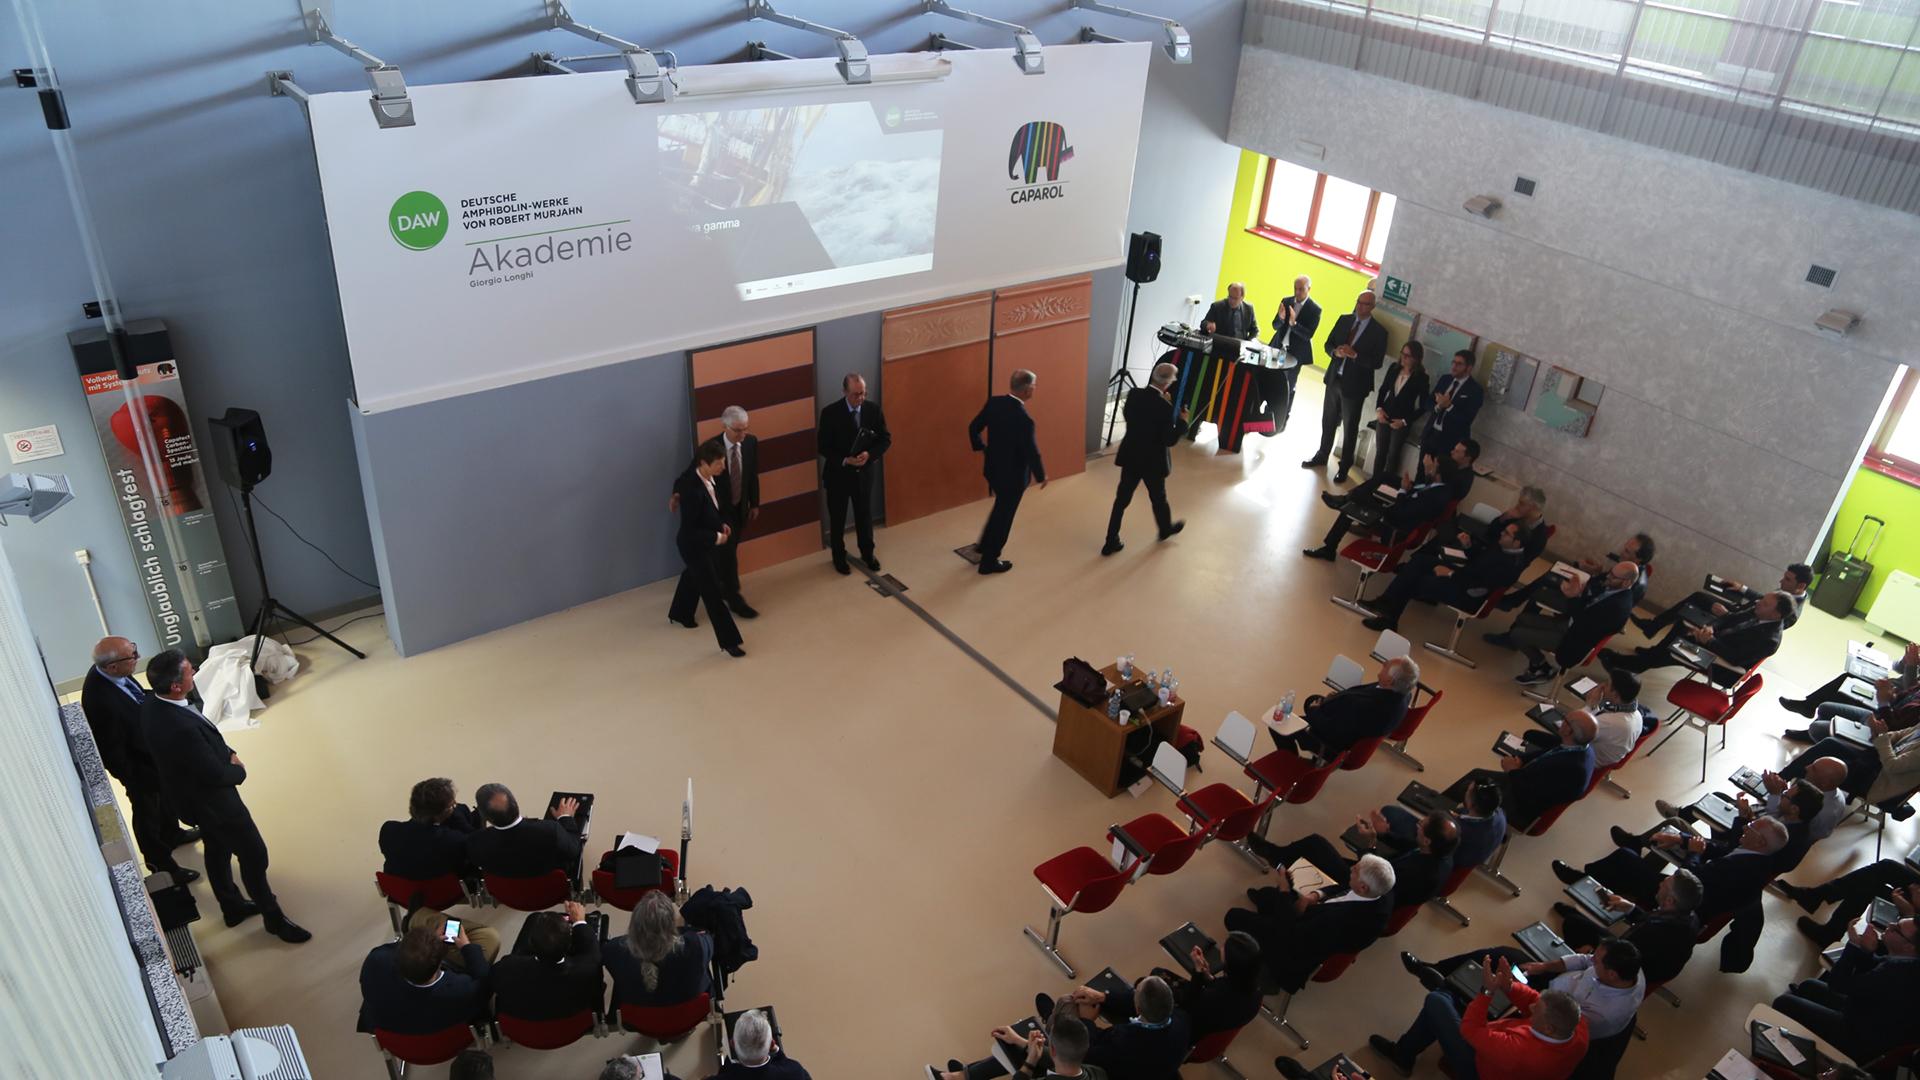 Riunione Forza Vendita Caparol - Vermezzo, 12-13 aprile 2018